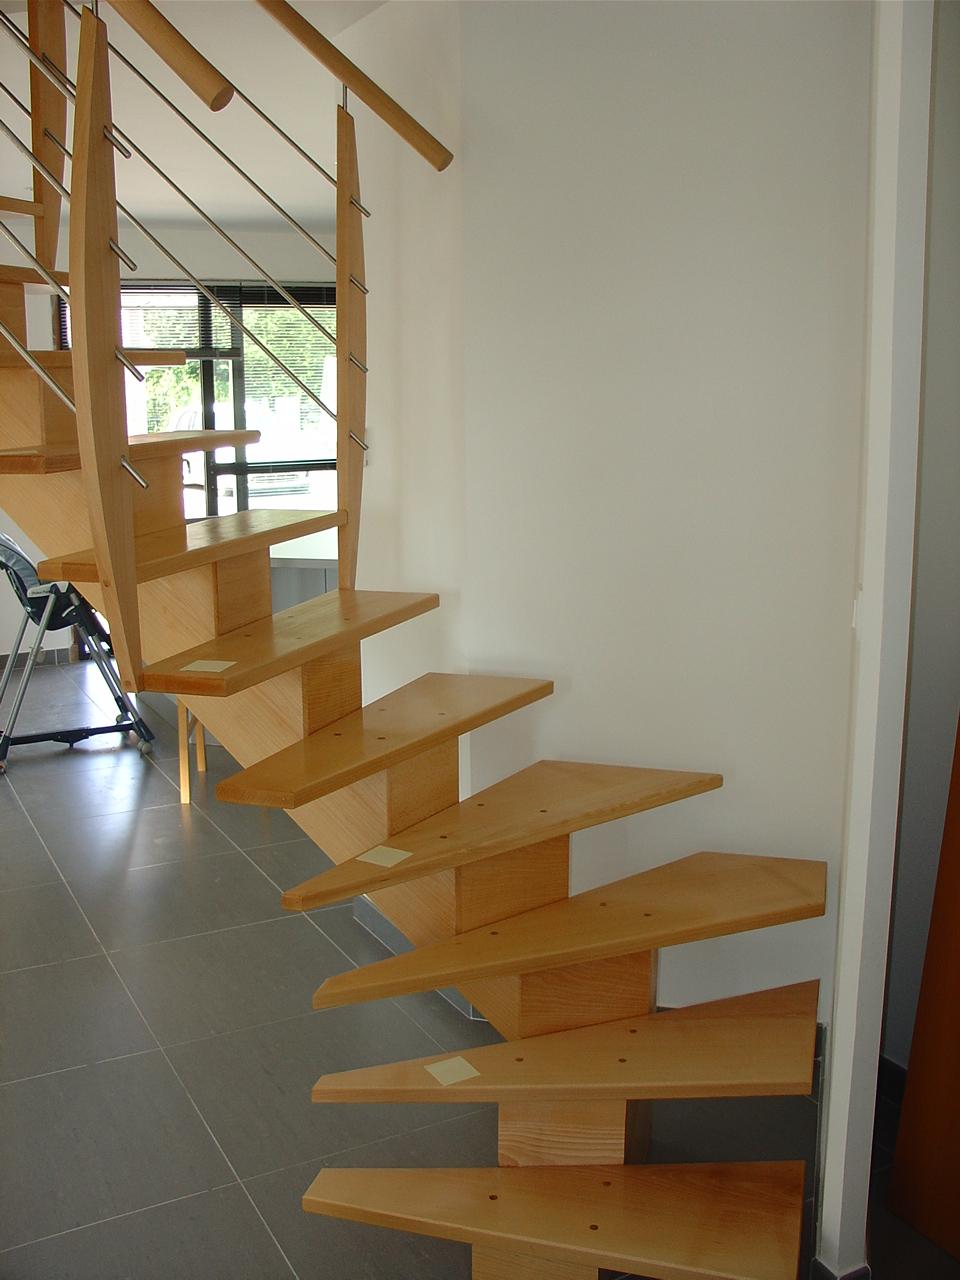 Quelle epaisseur de laine de verre pour isoler un mur boulogne billancourt - Escalier limon central prix ...